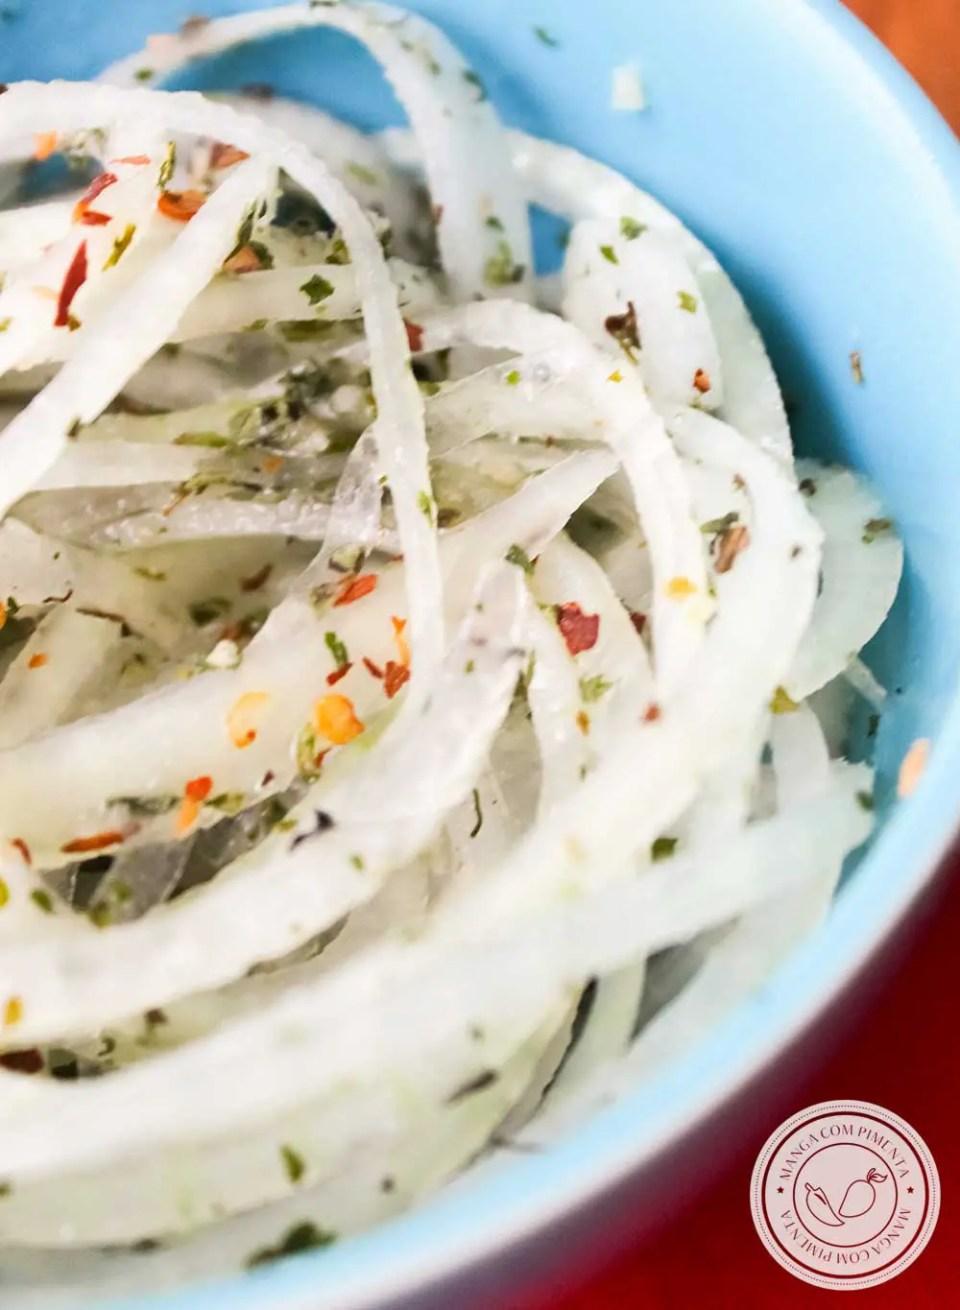 Receita de Salada de Cebola para Churrasco - para curtir o verão e carnaval!